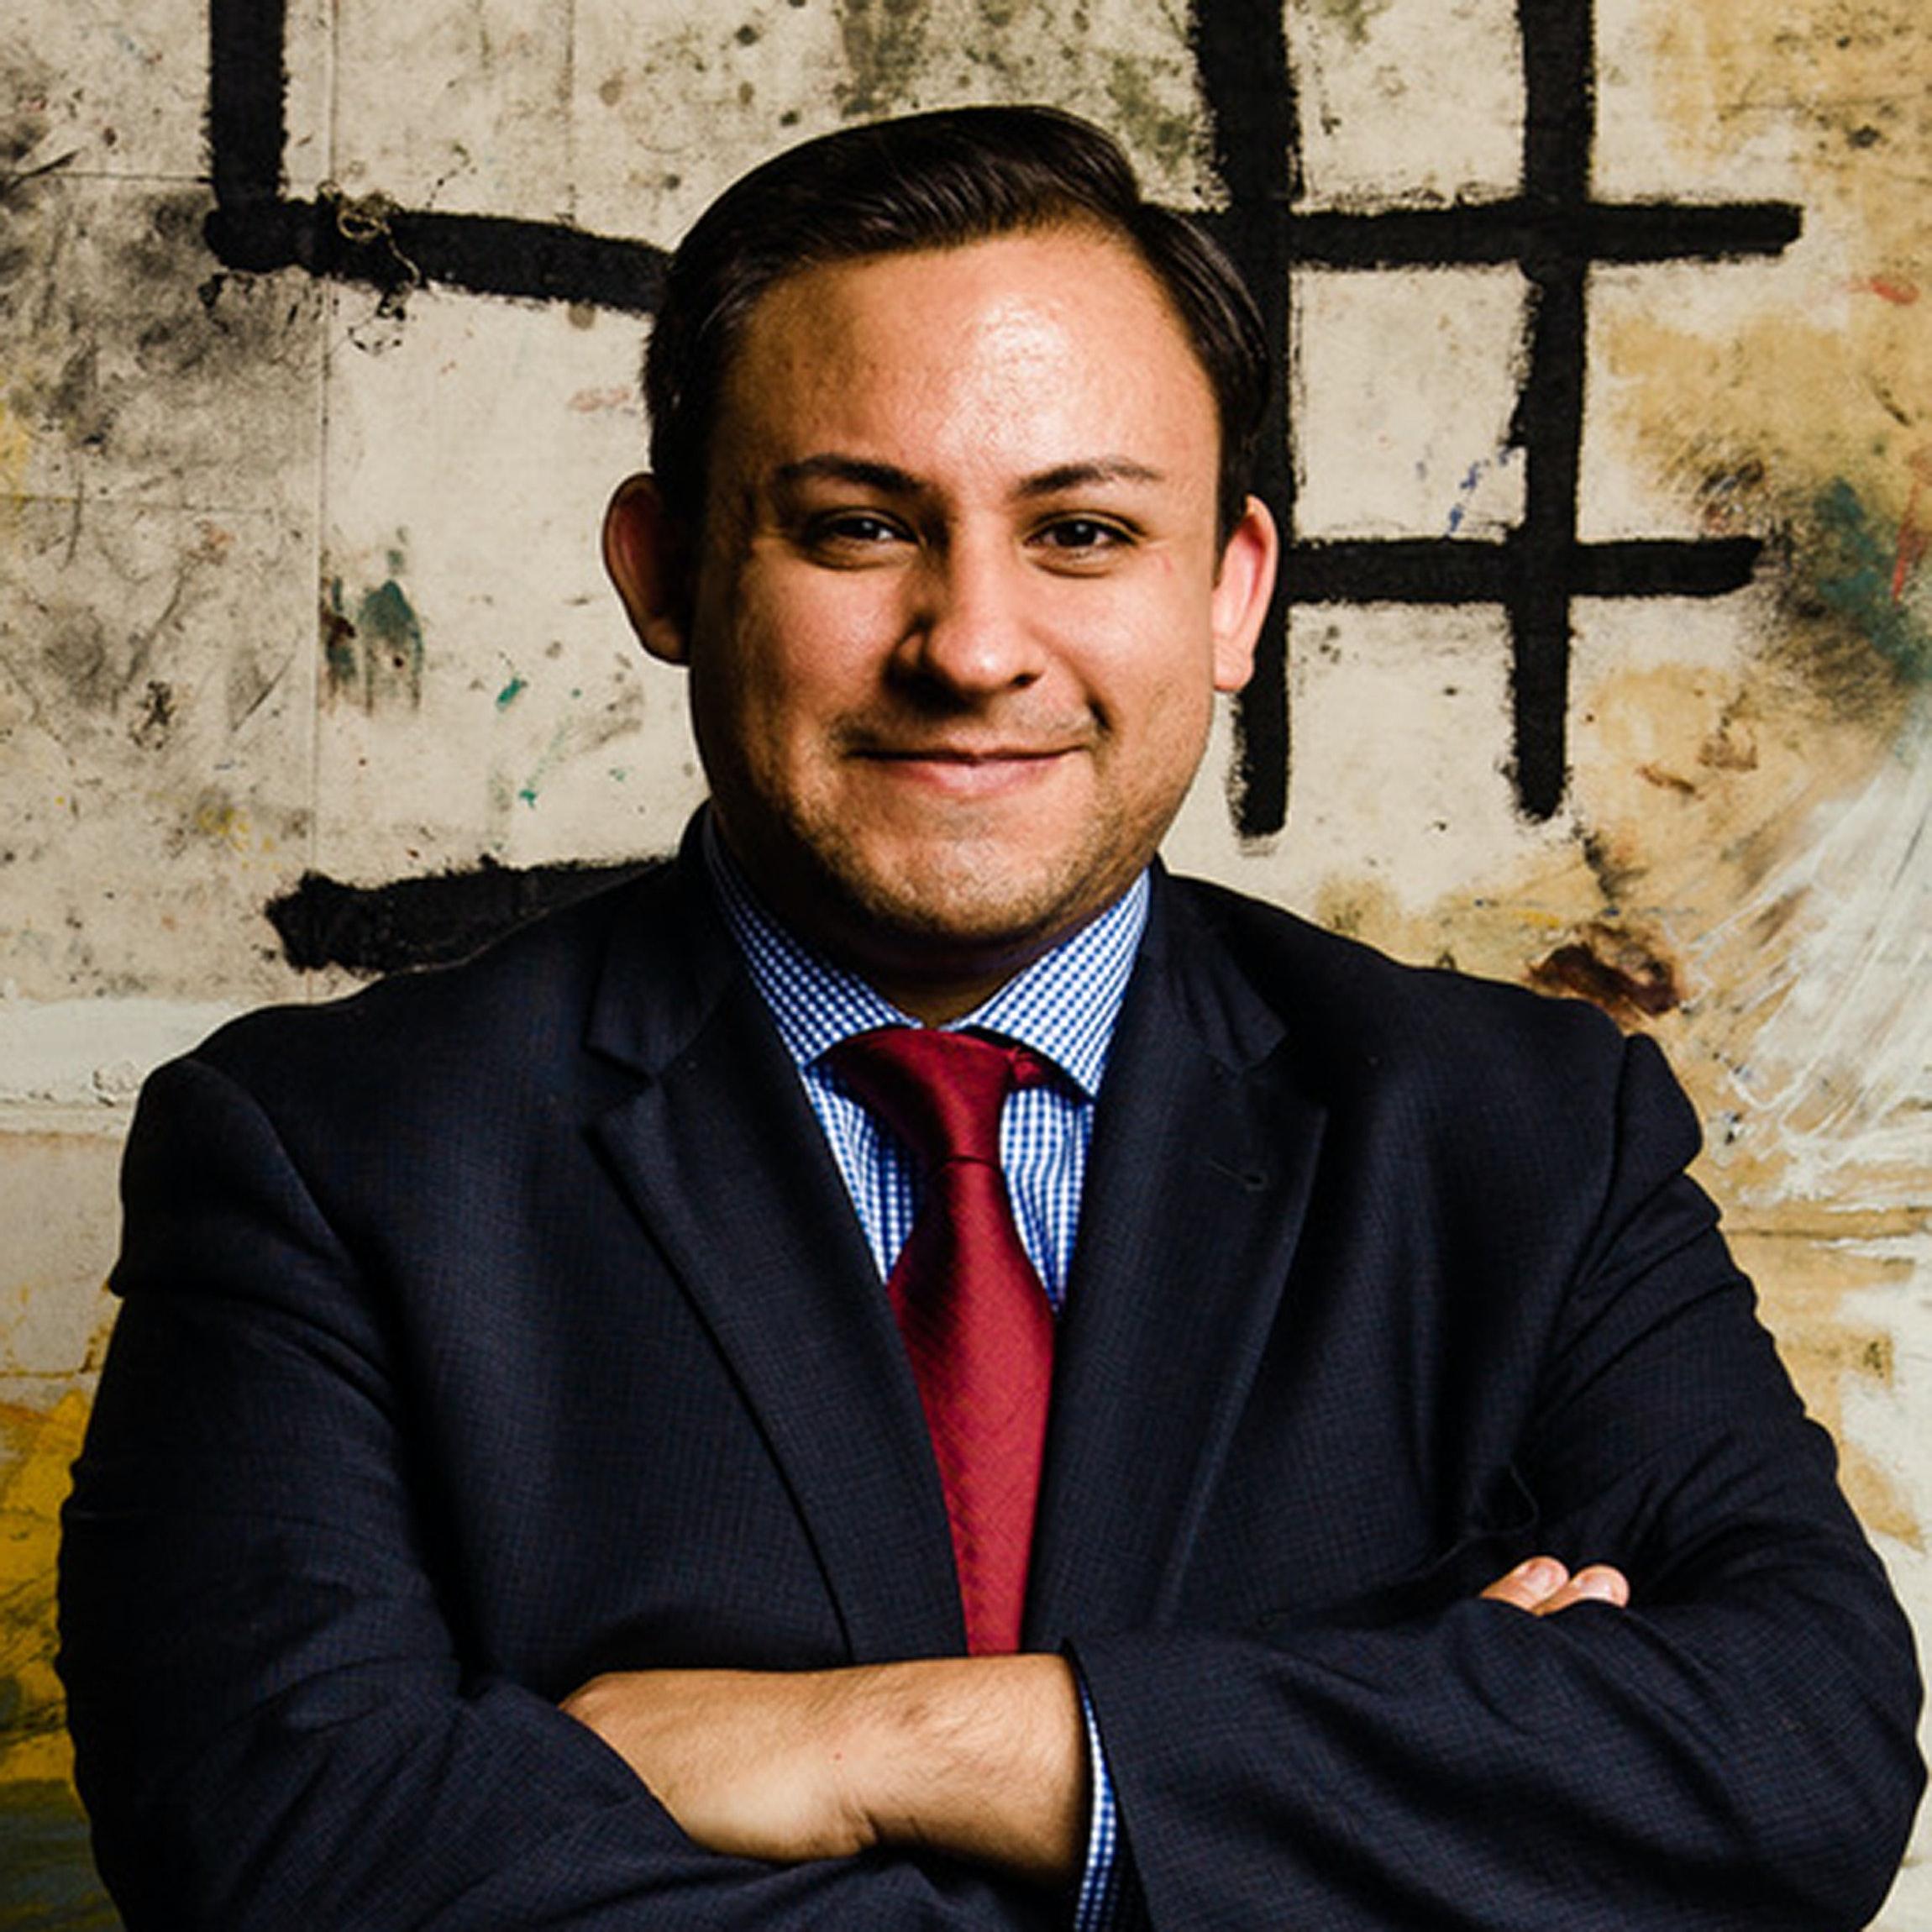 César García. Photo by Ryan Orange.